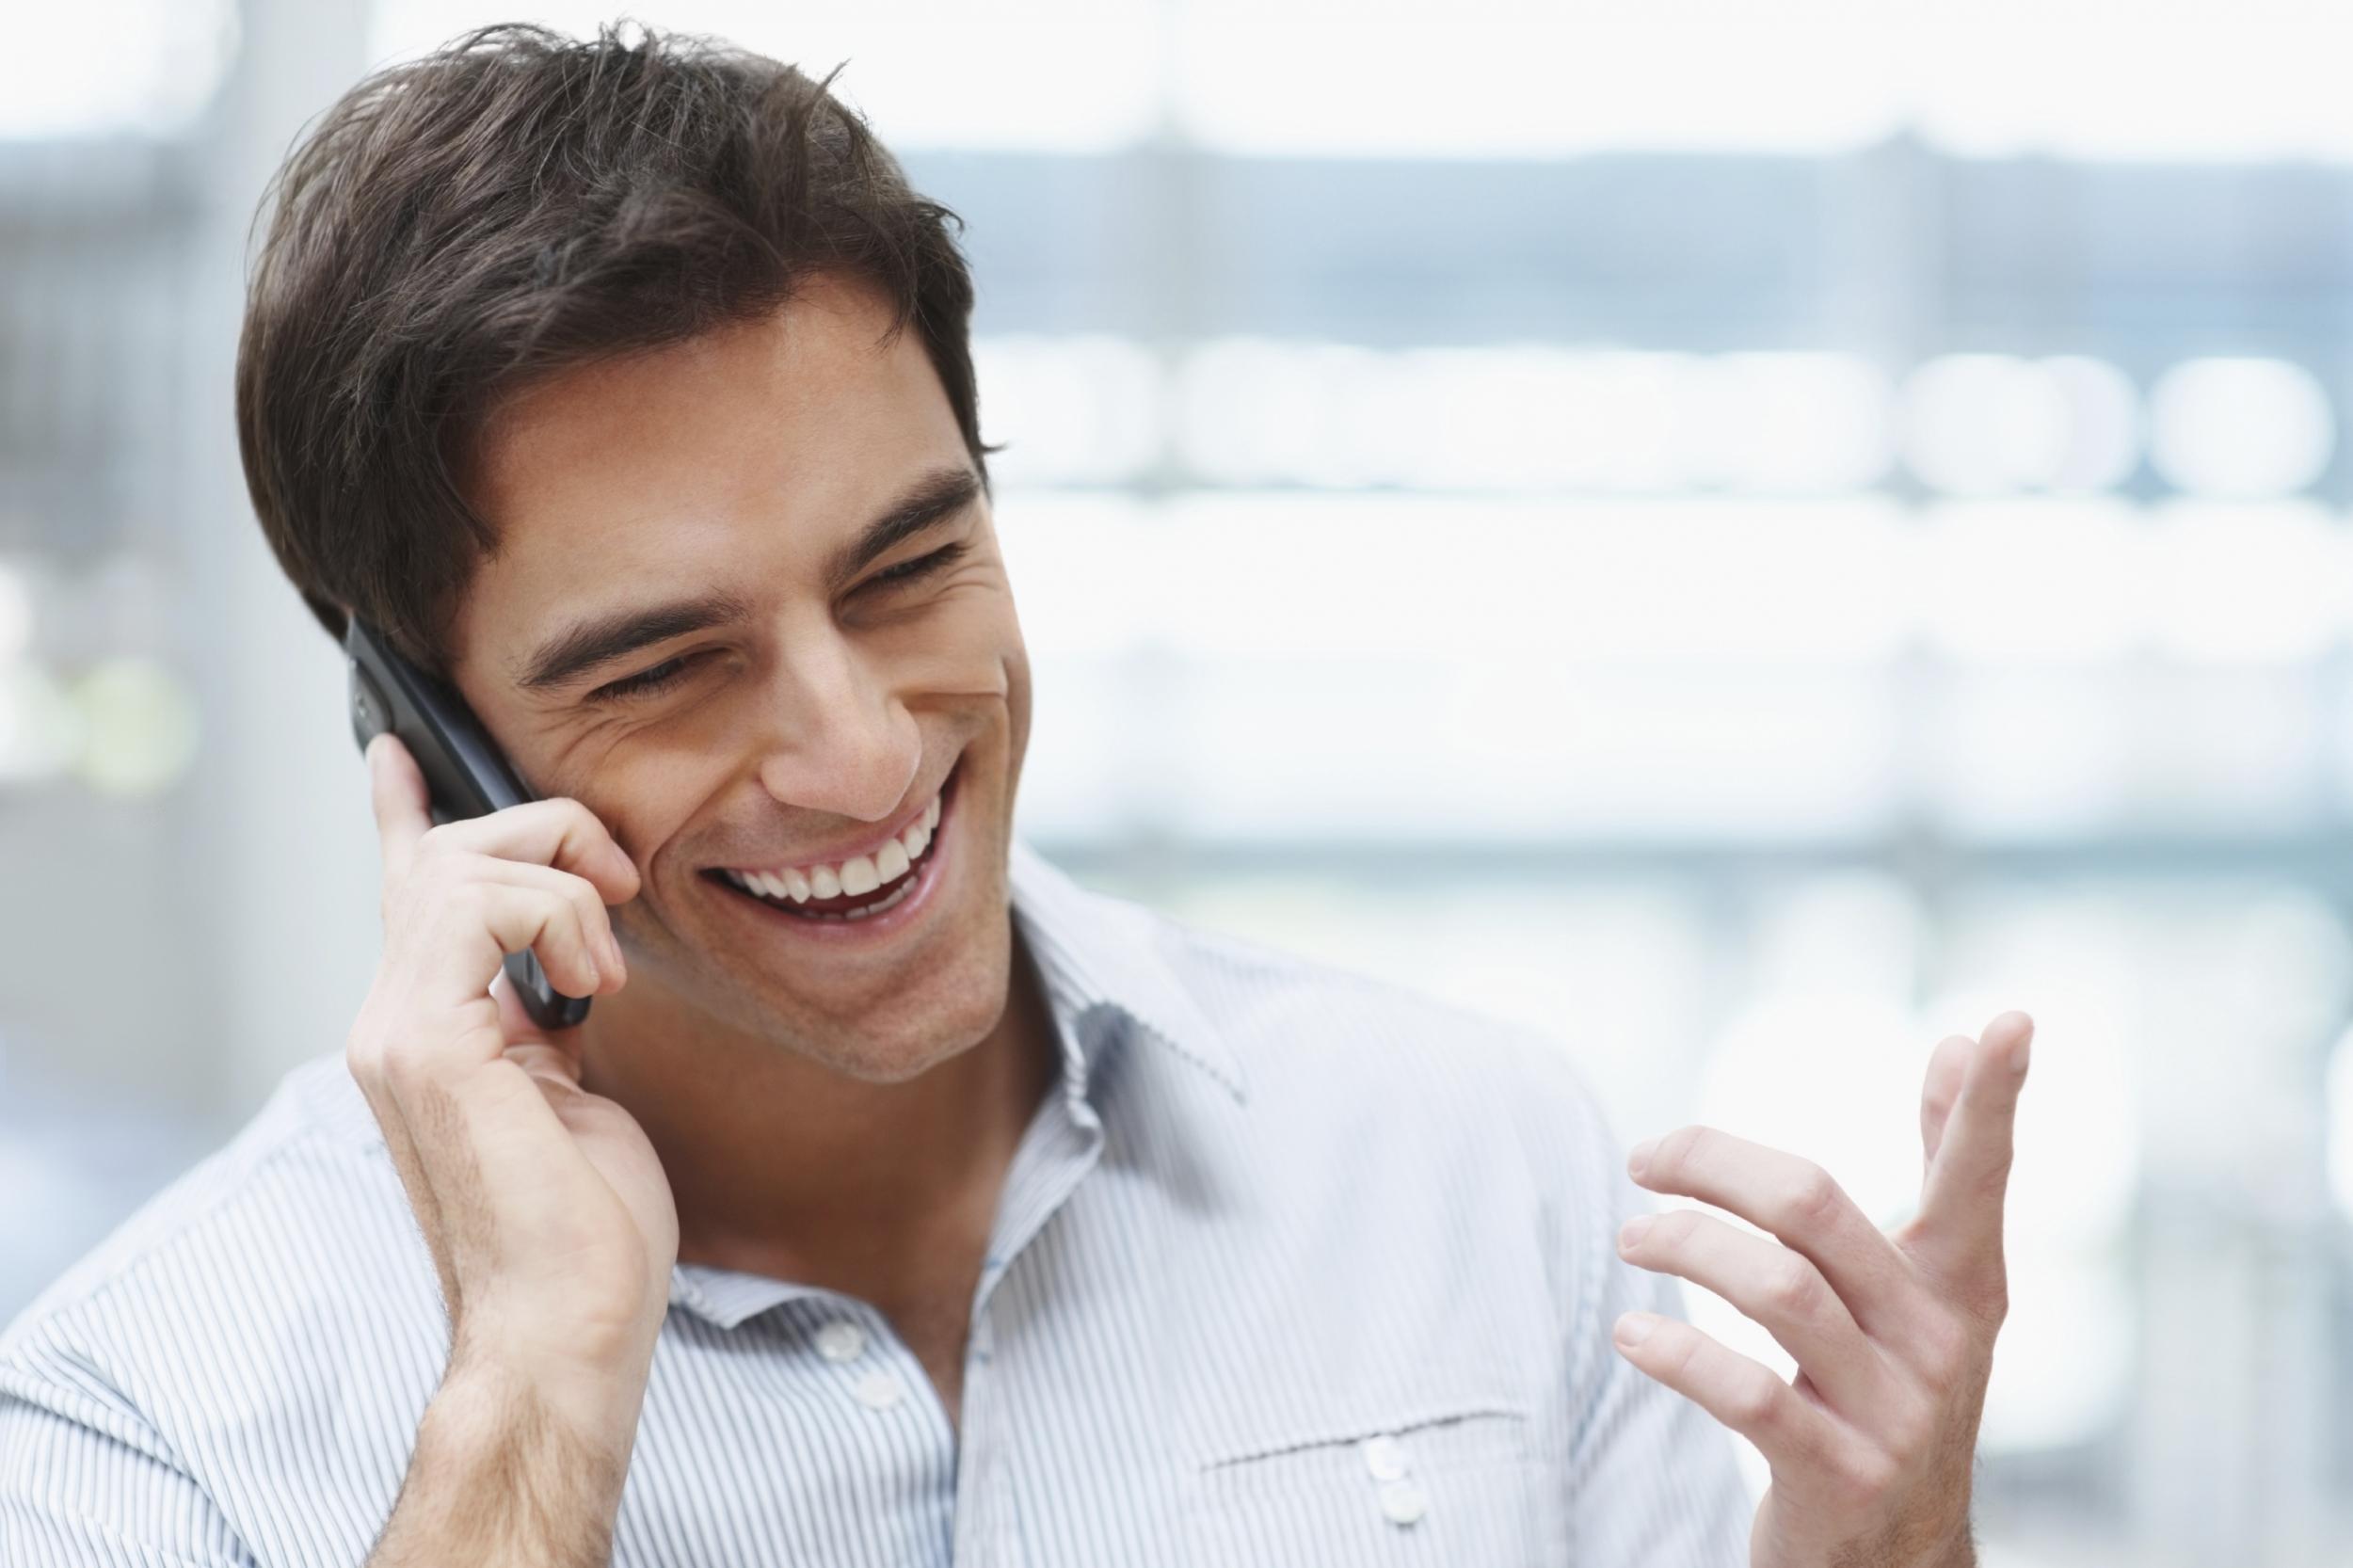 صور نصائح لطريقة استخدام الهاتف